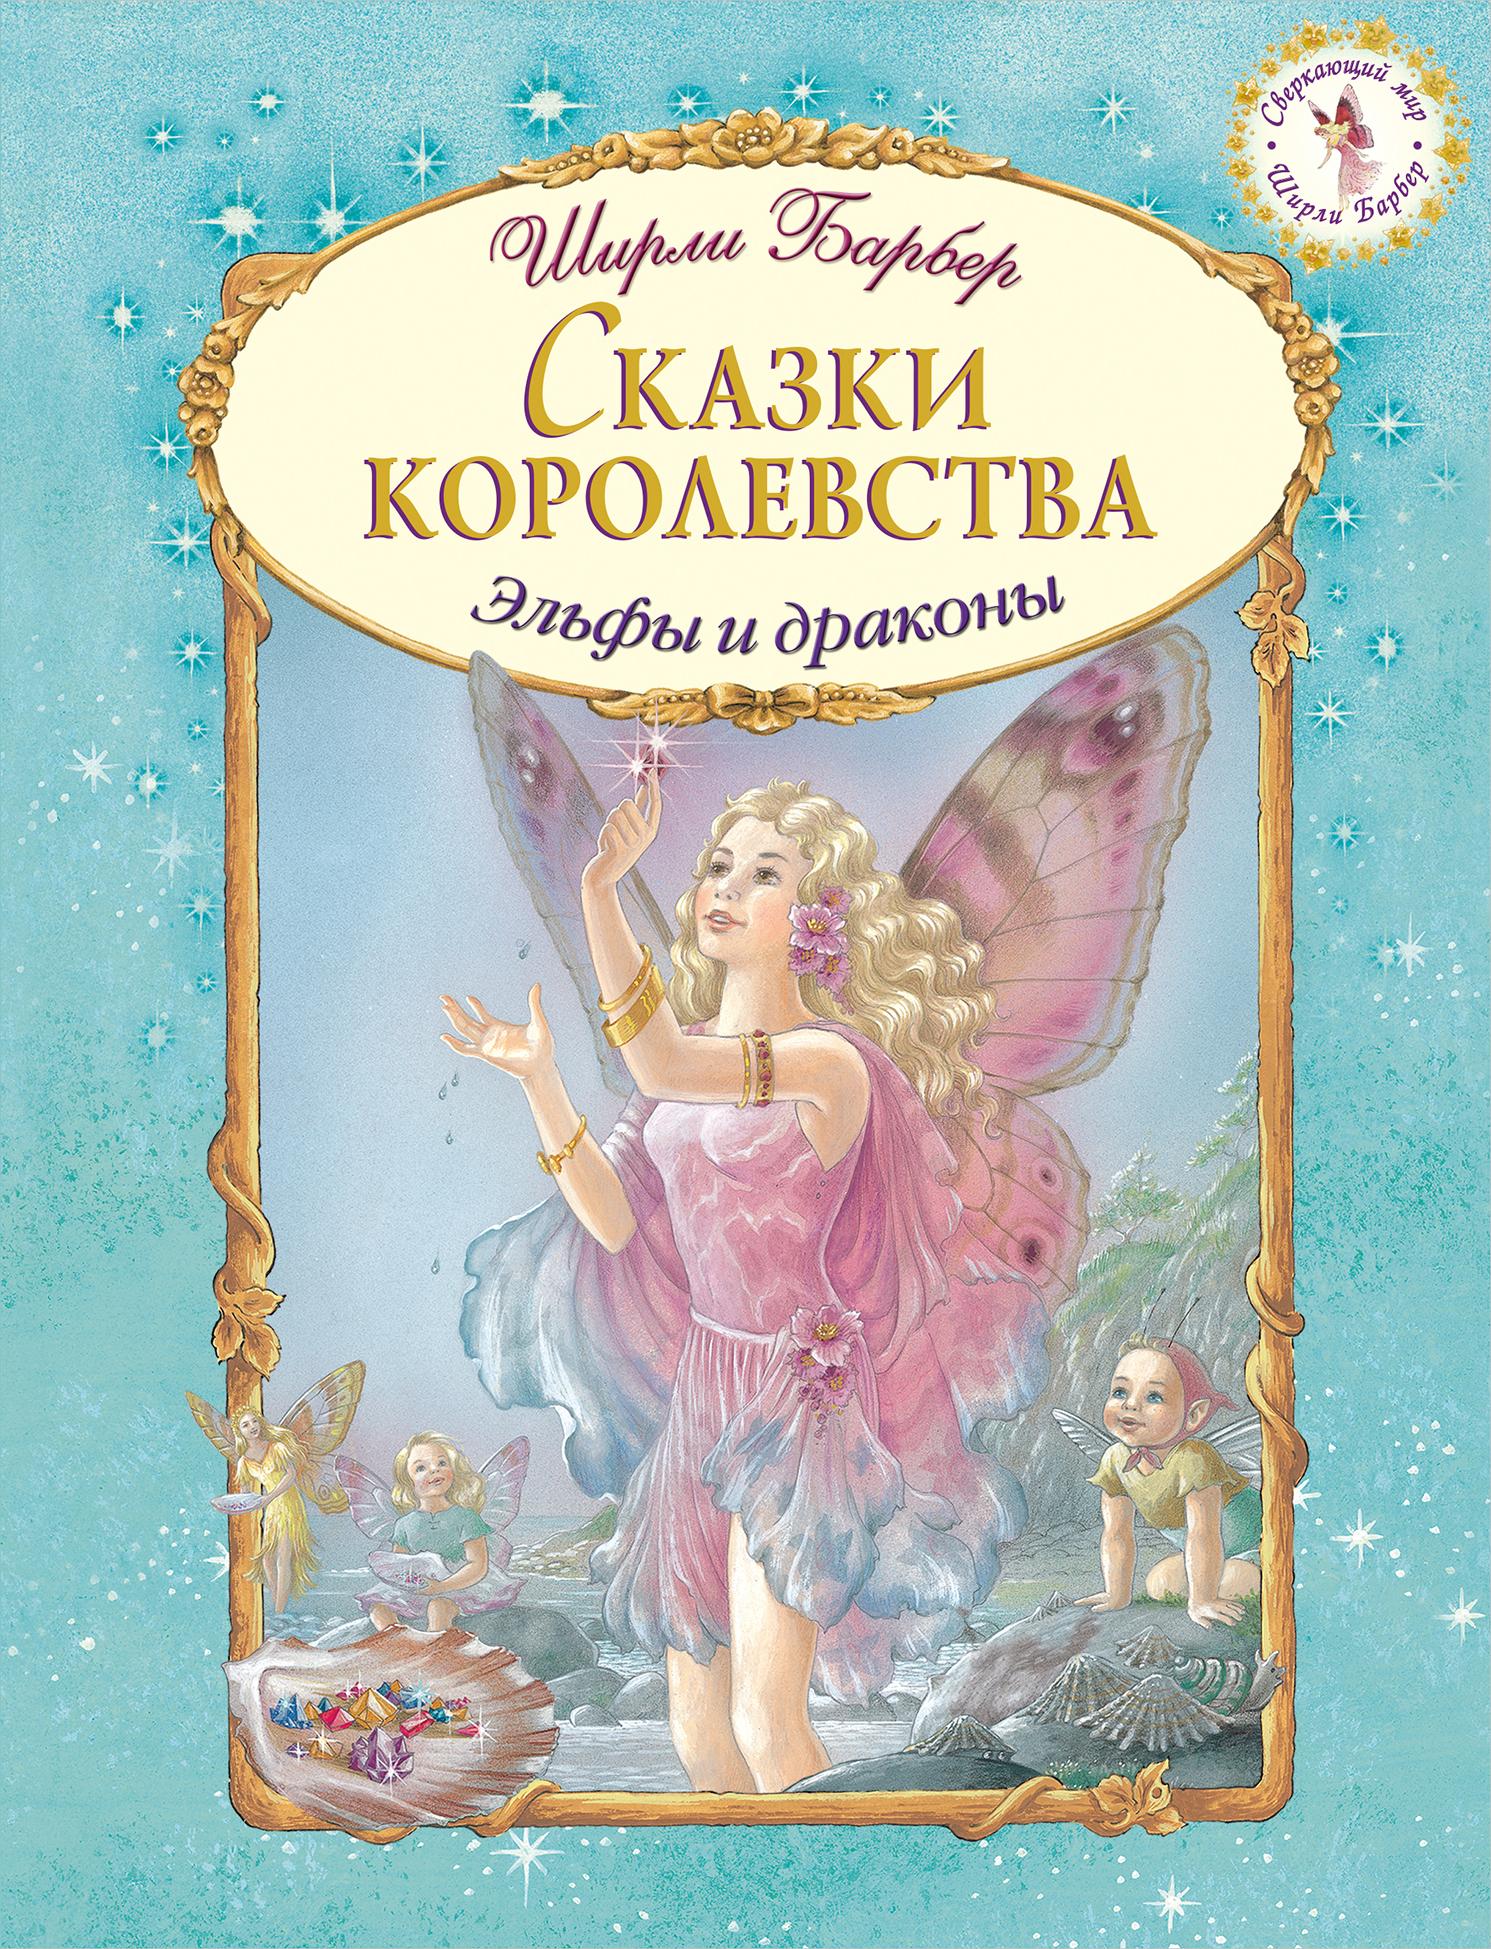 Сказки королевства